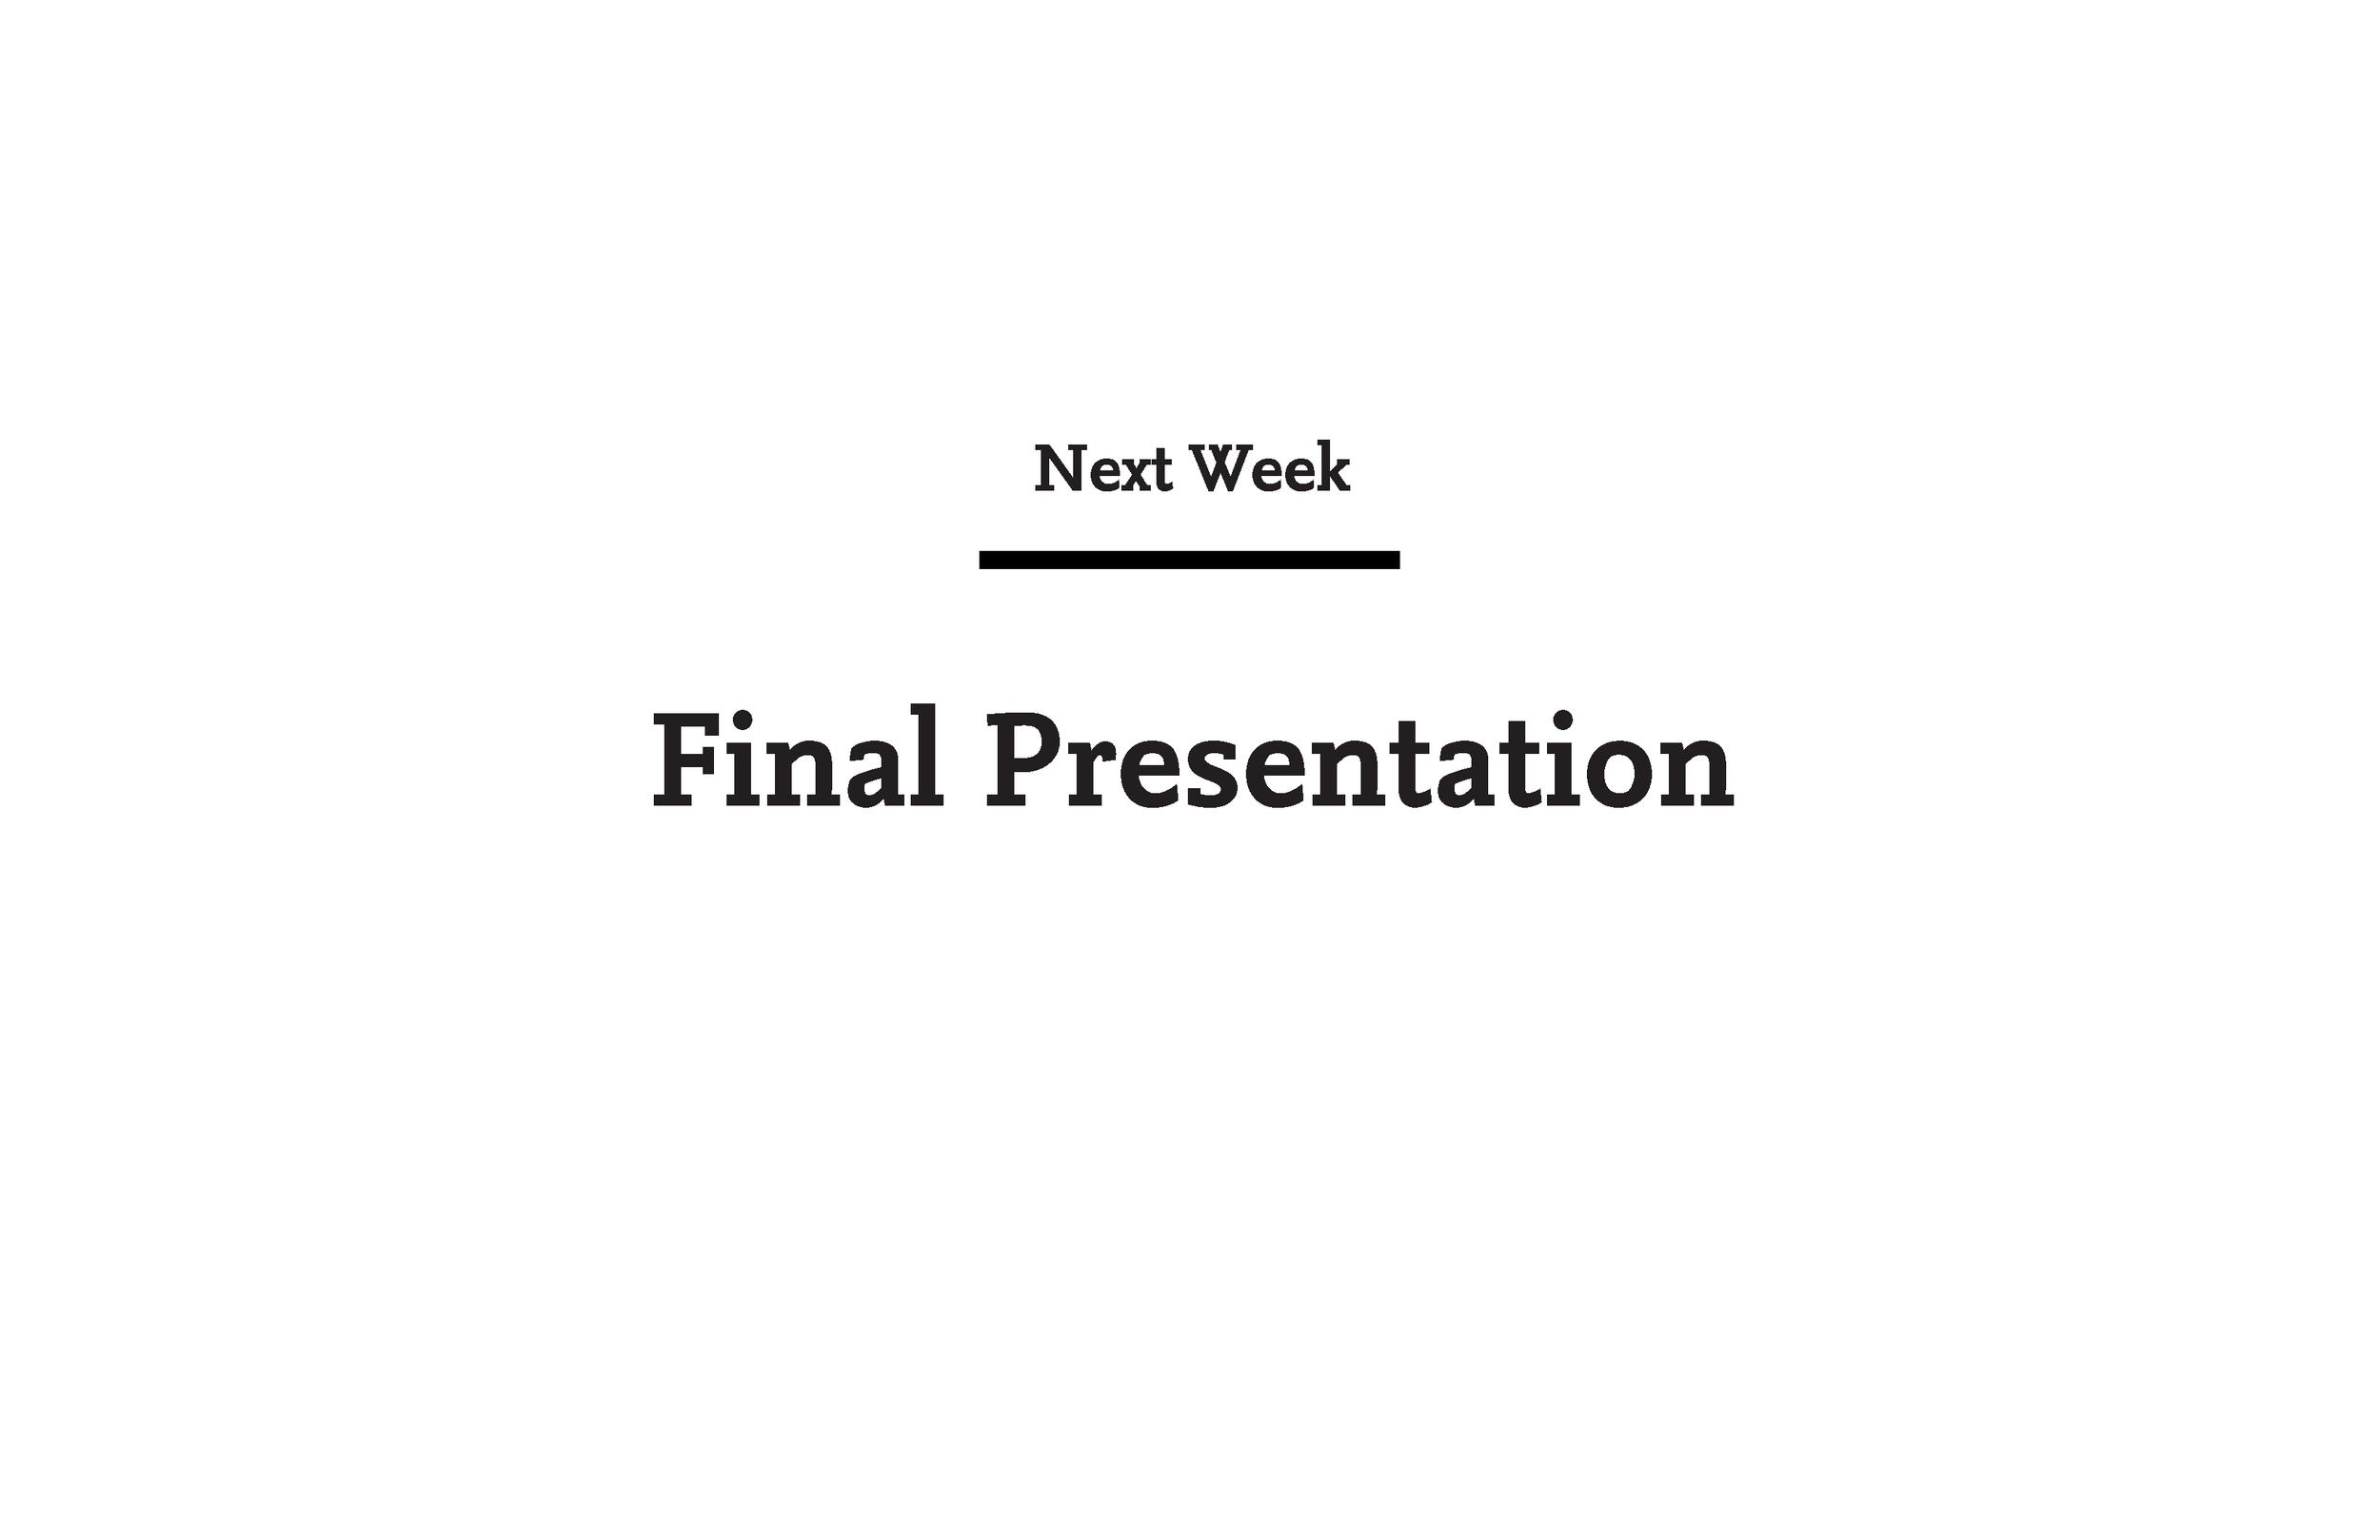 PEM_S19_Week_4_1_Page_34.png